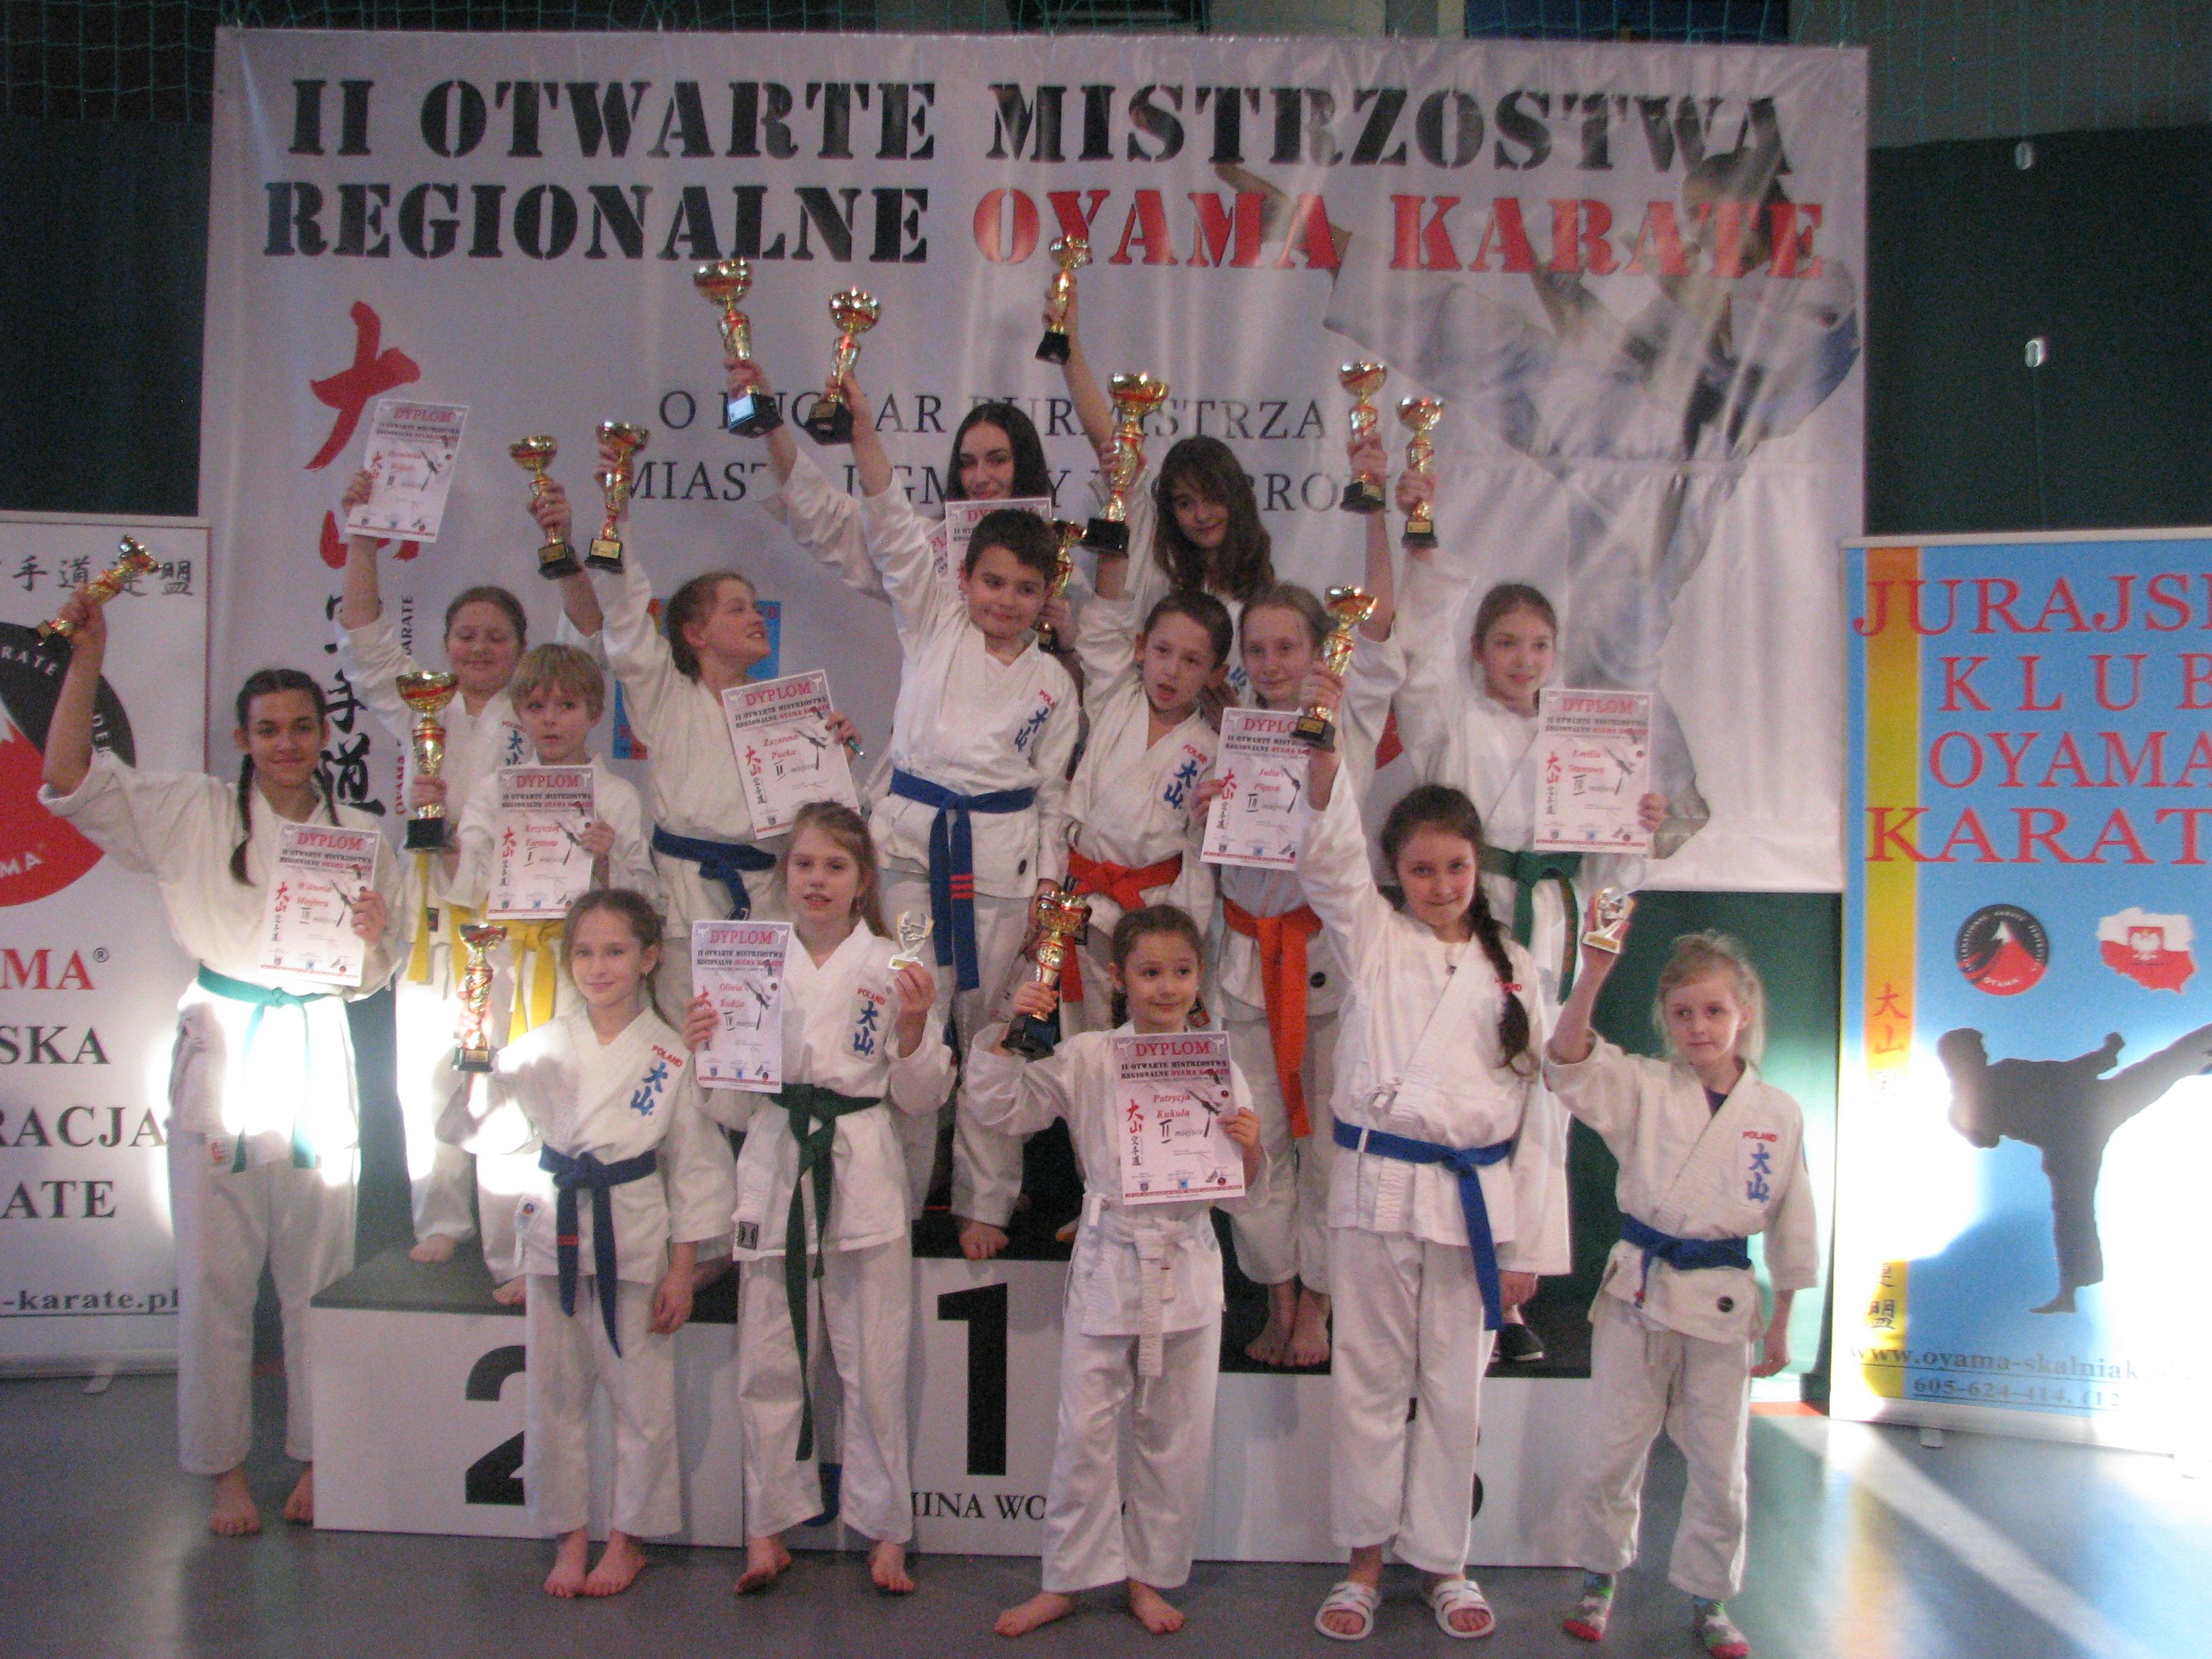 Z bardzo dobrej strony w zawodach w Wolbromiu pokazali się karatecy z Brzeszcz. Fot. zbiory KOK Brzeszcze